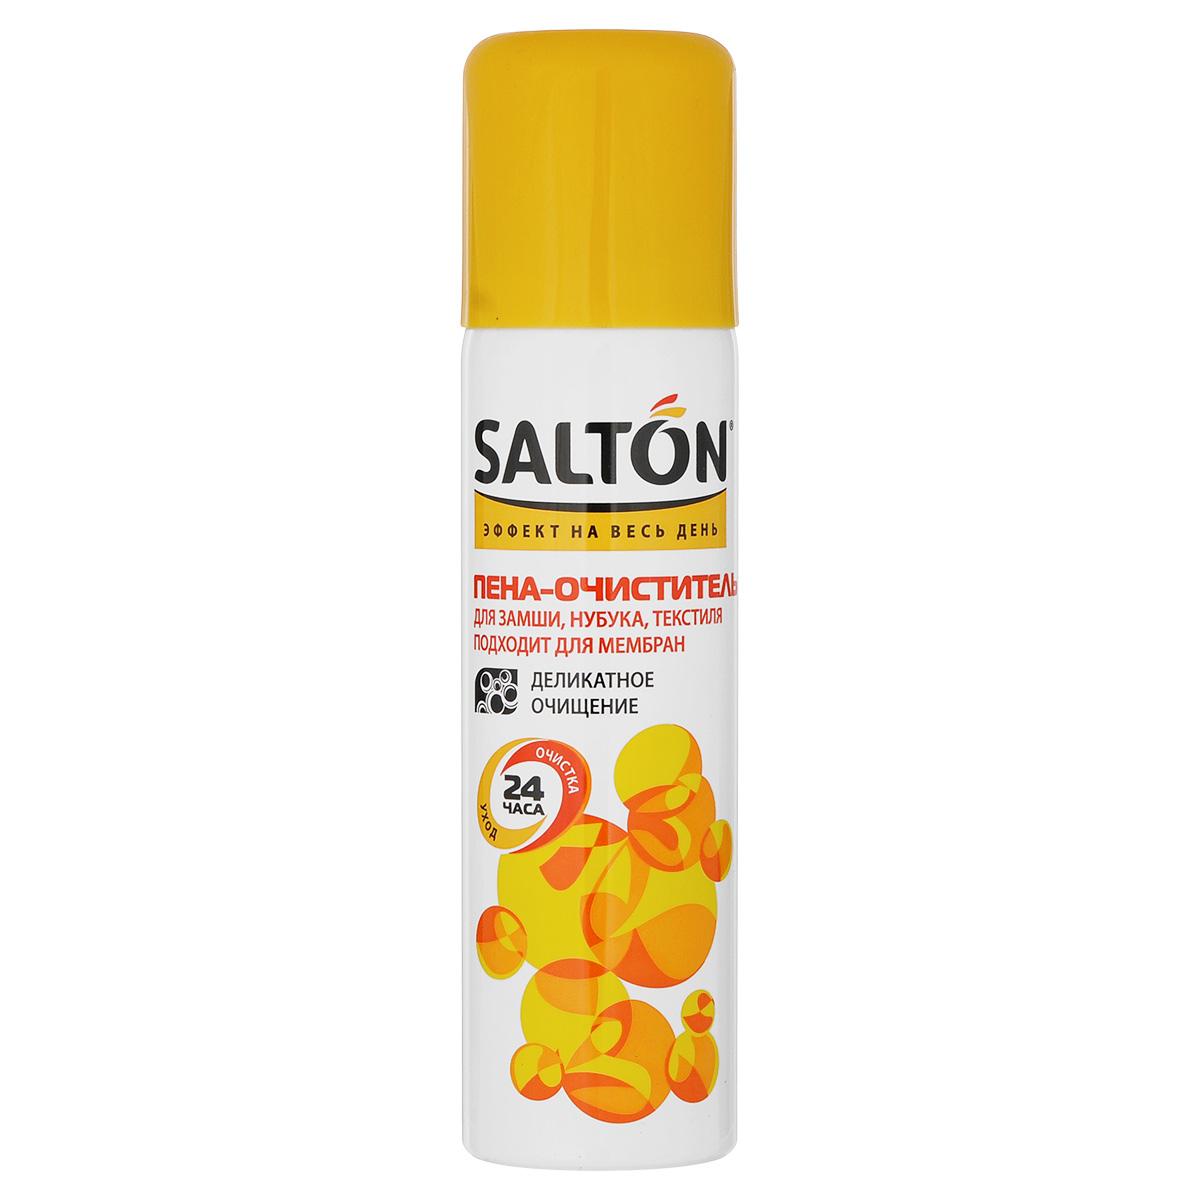 Пена-очиститель для изделий из кожи и ткани Salton, 150 мл